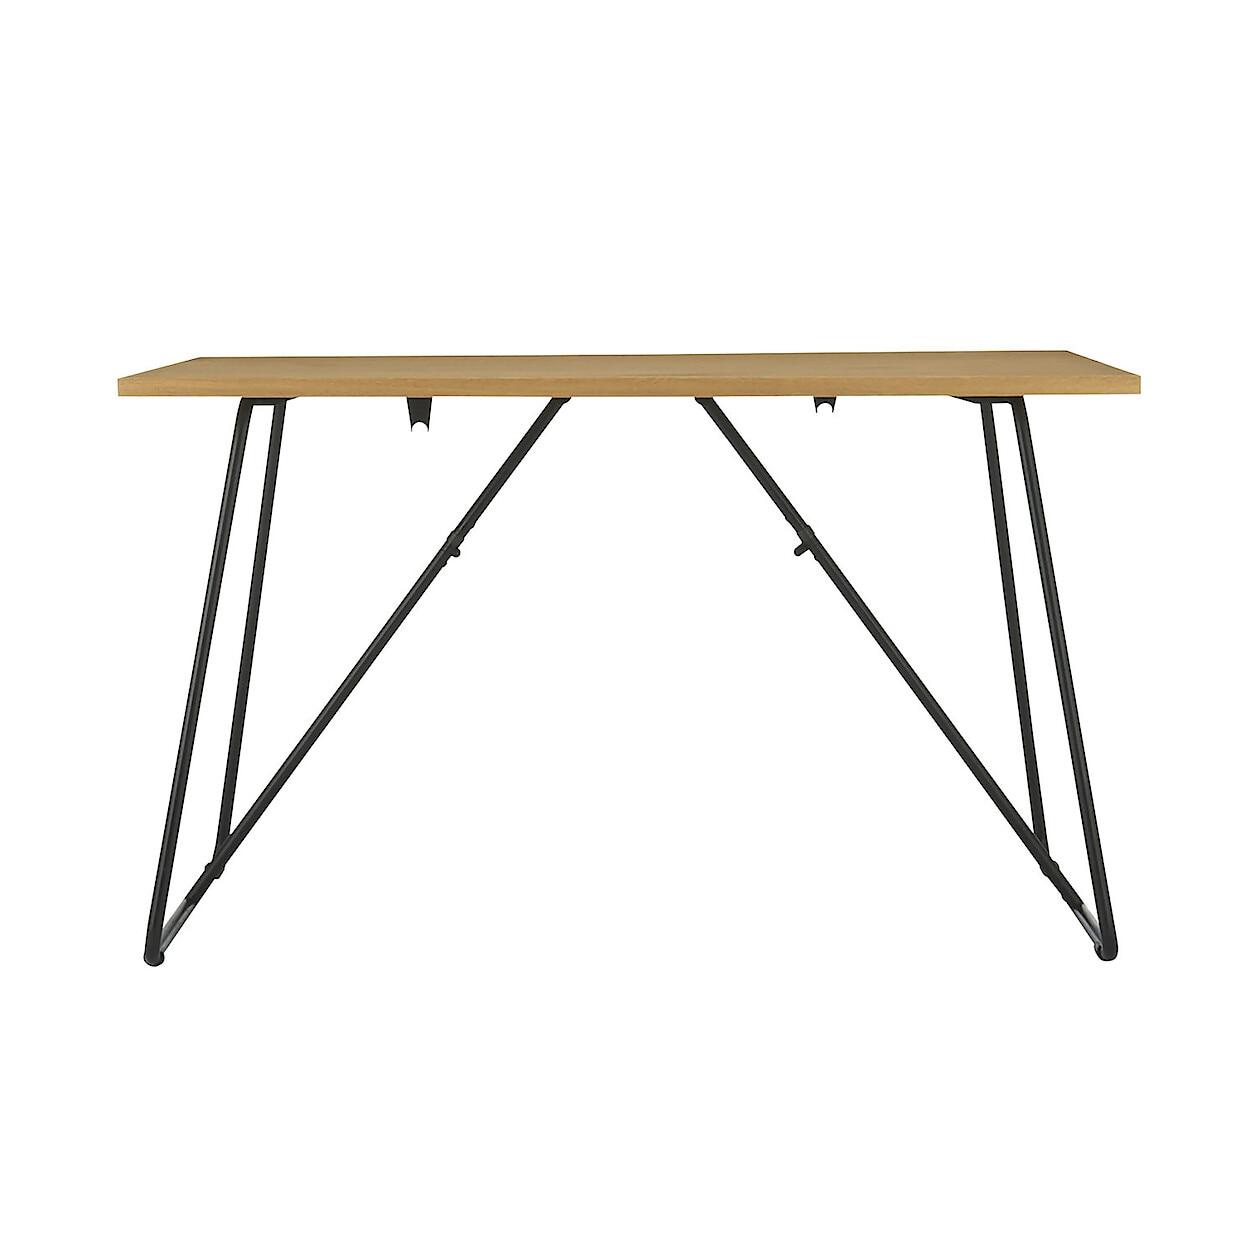 折りたたみテーブル・幅120cm・オーク材 オーク材